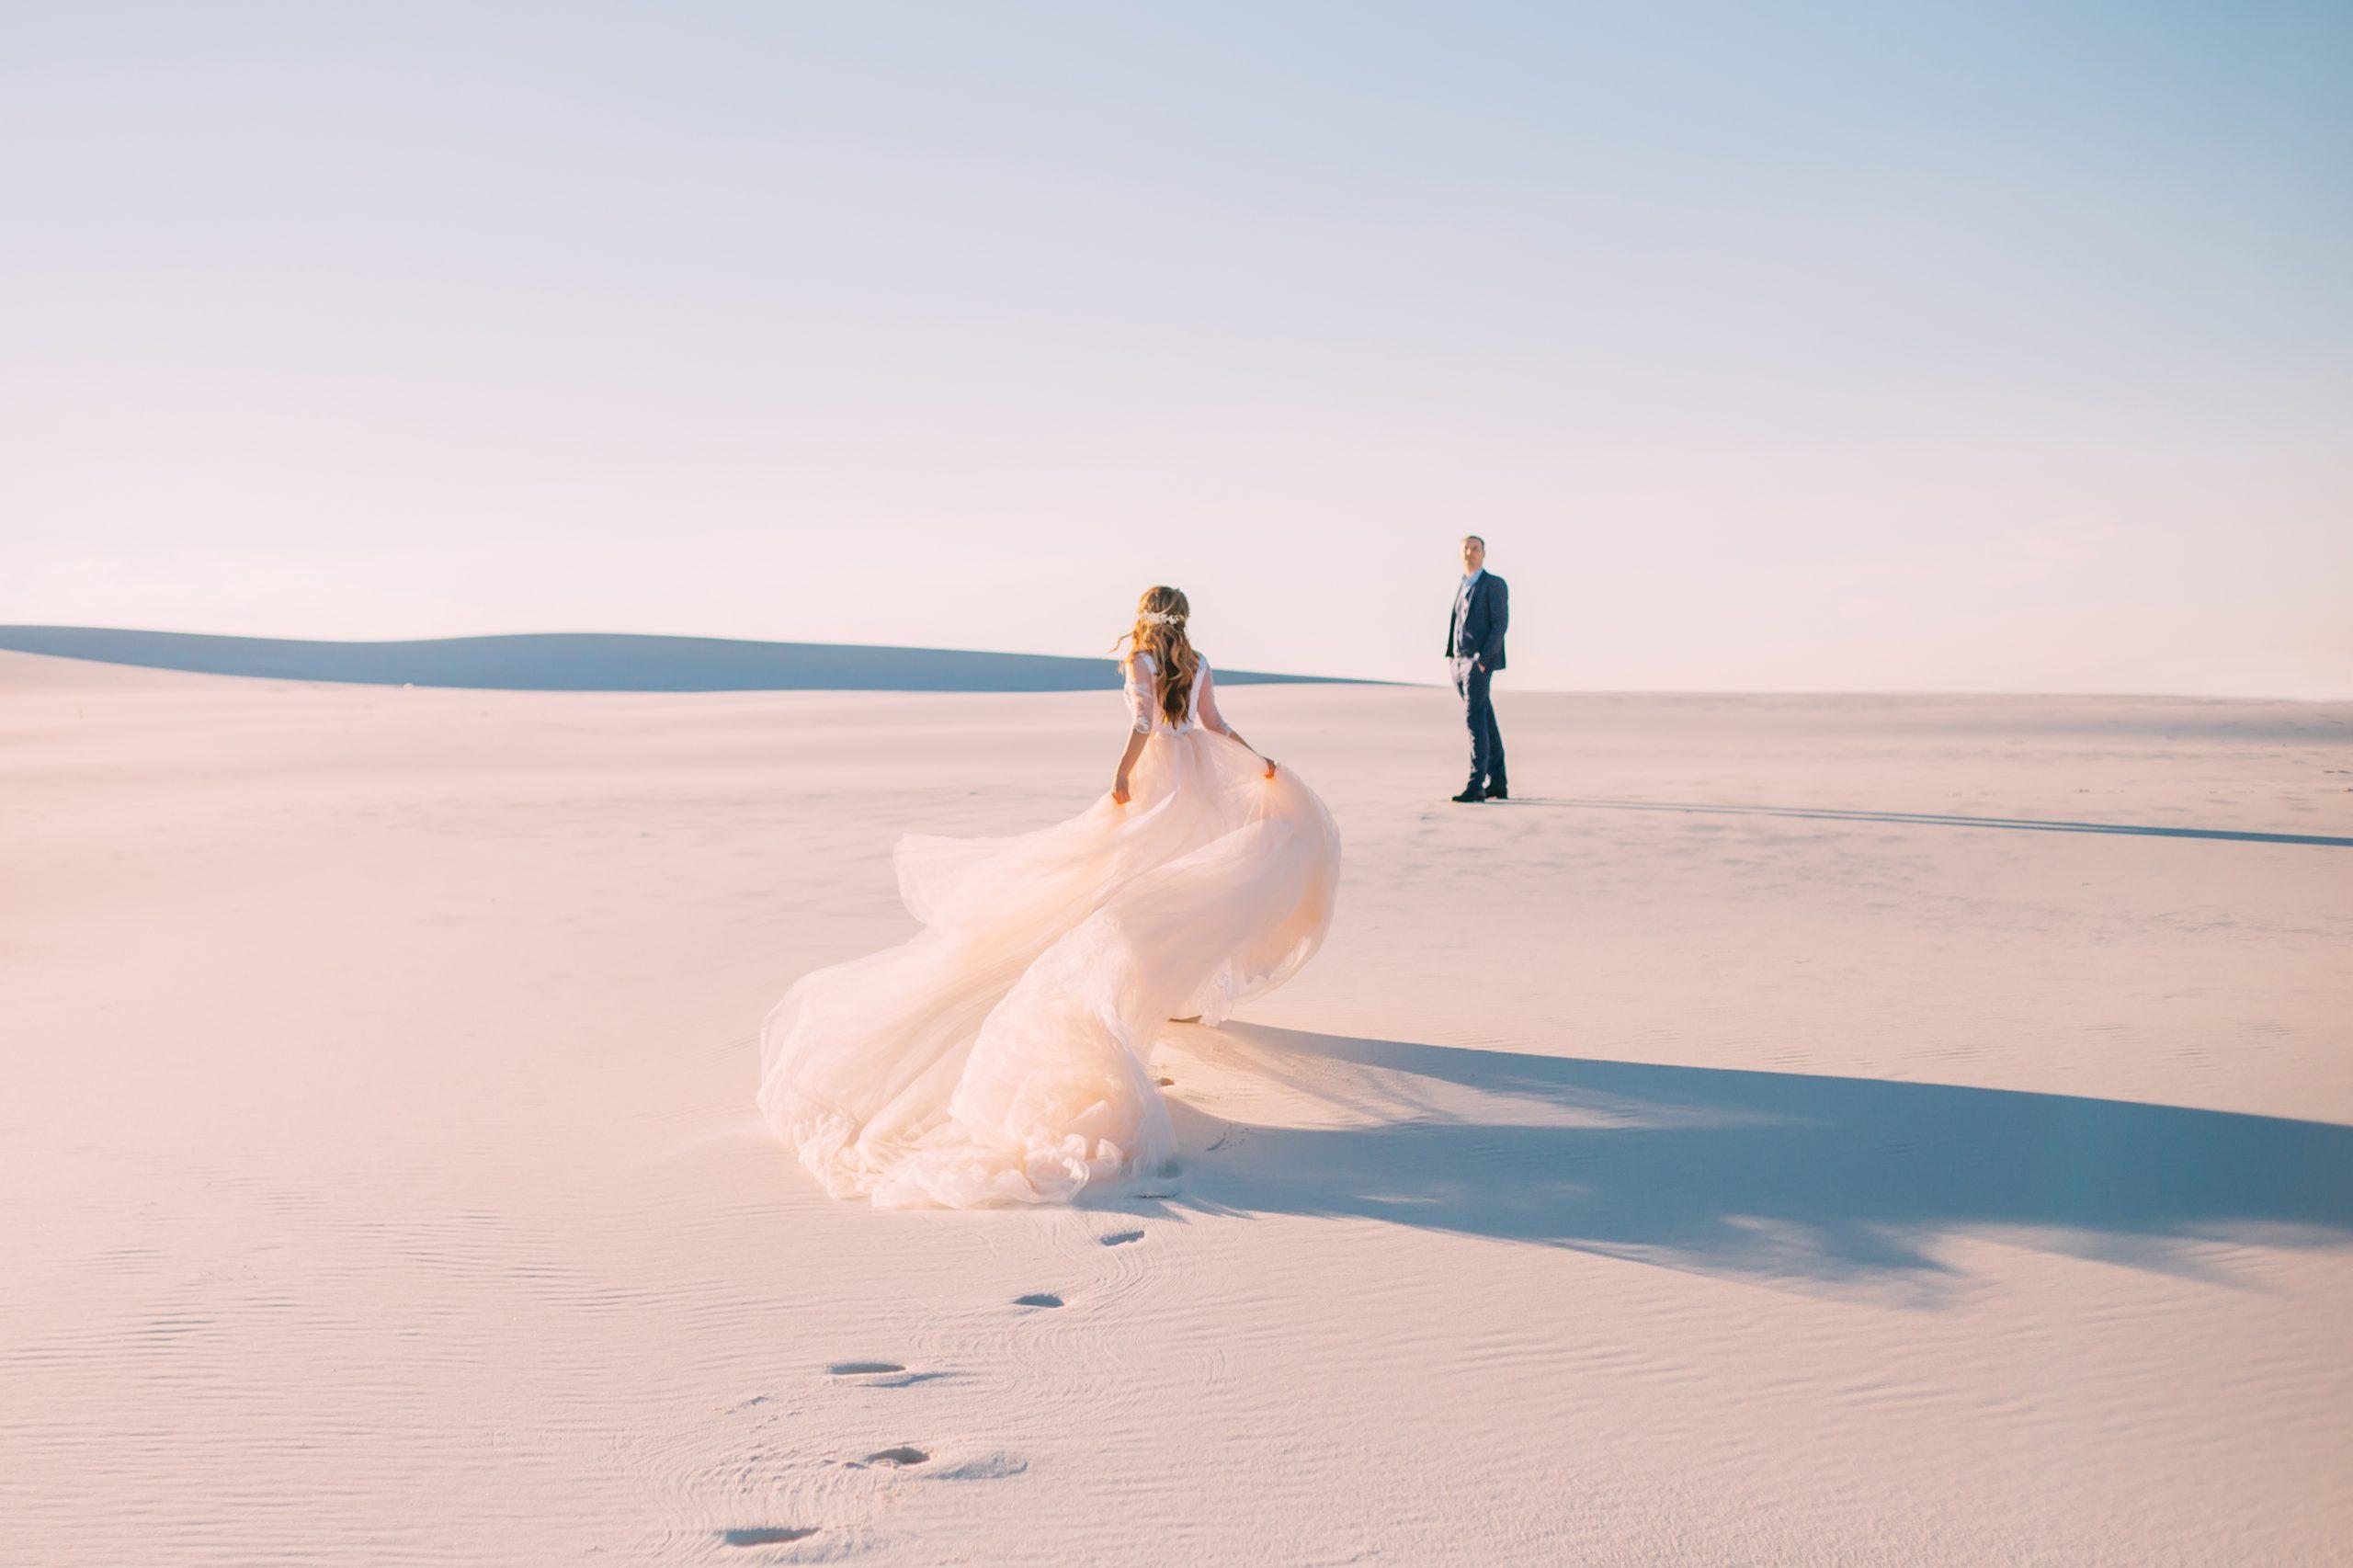 結婚占い|【年内中にご縁紡ぎます】あなたの結婚相手の特徴&出会い